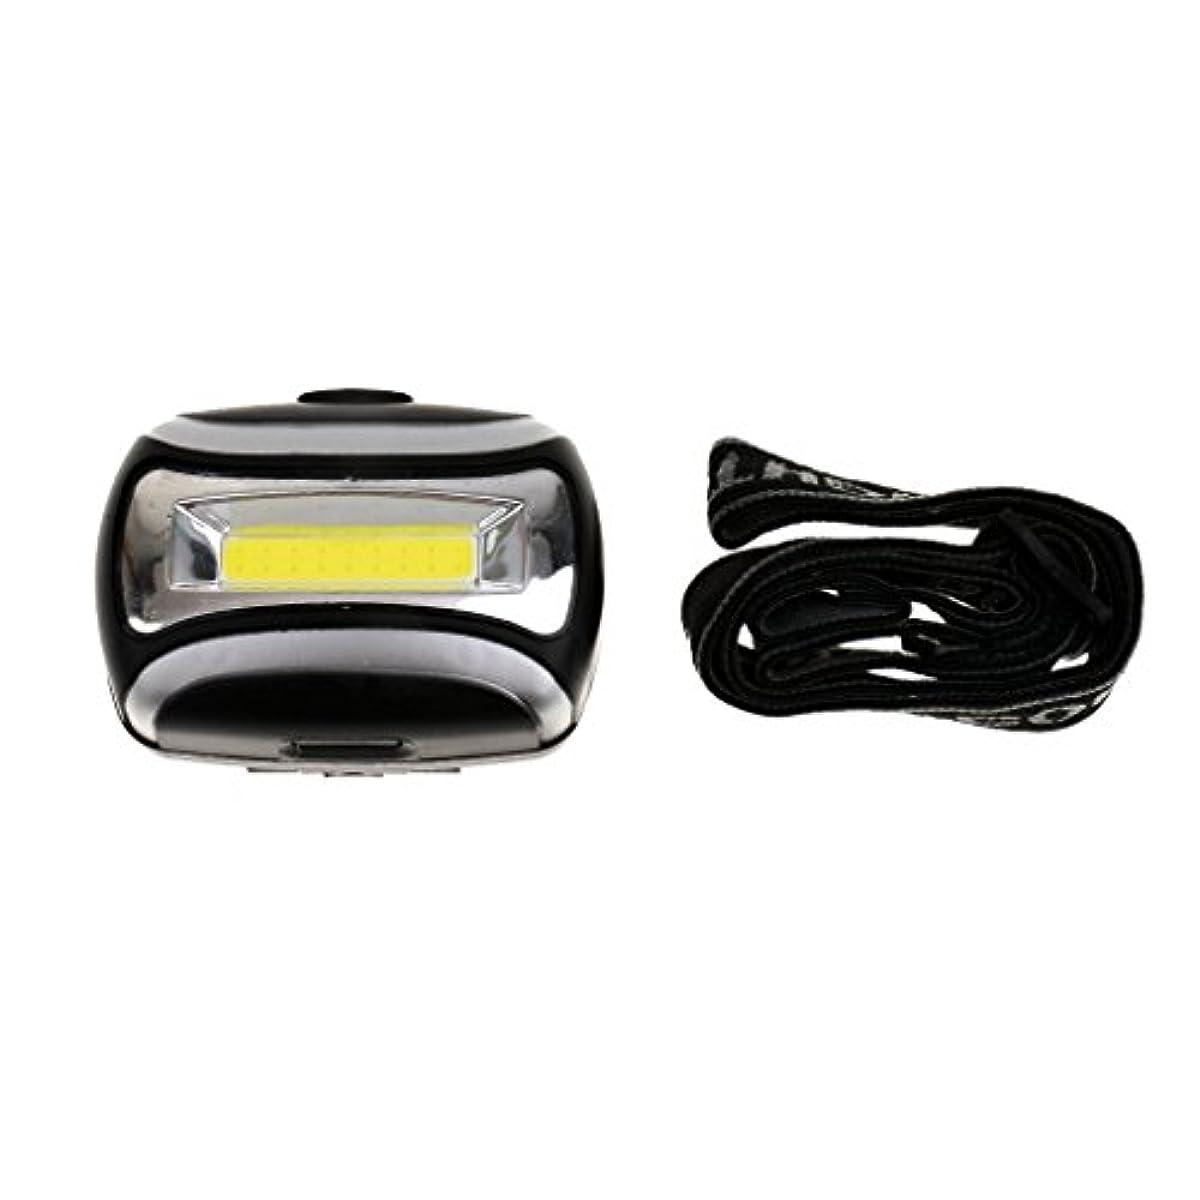 副産物店員フェミニン防水 600LM COB ヘッドライト 3W LED ライト アウトドア サイクリング ヘッド ランプ